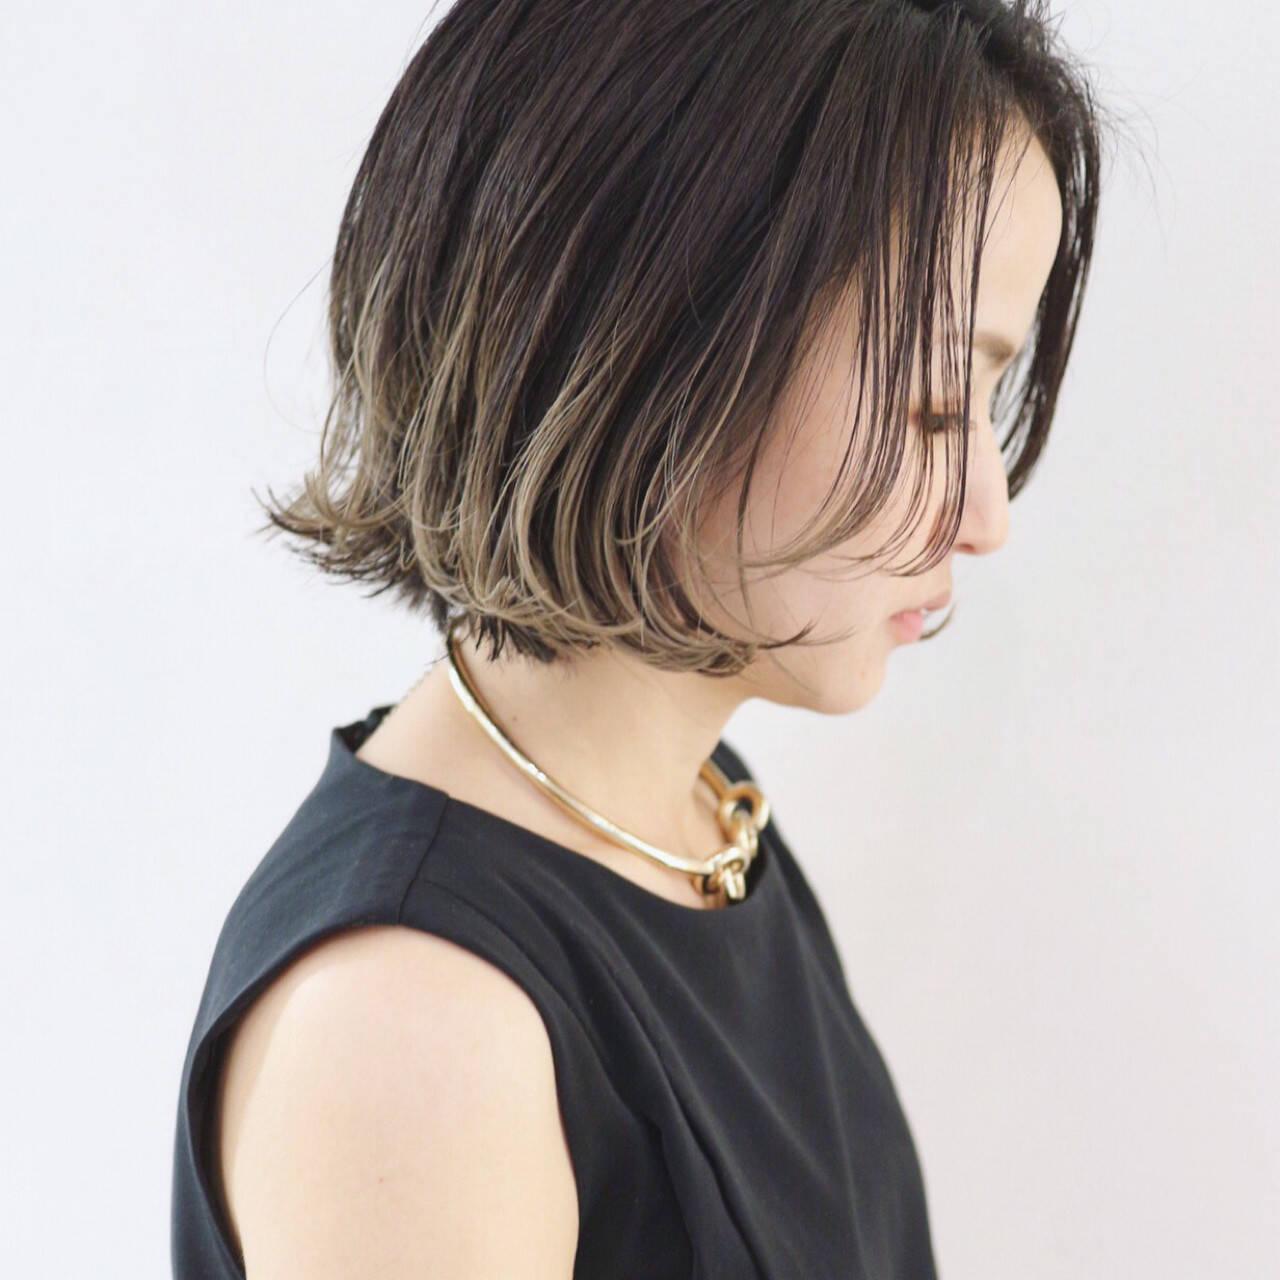 ストリート ブルージュ グラデーションカラー ボブヘアスタイルや髪型の写真・画像